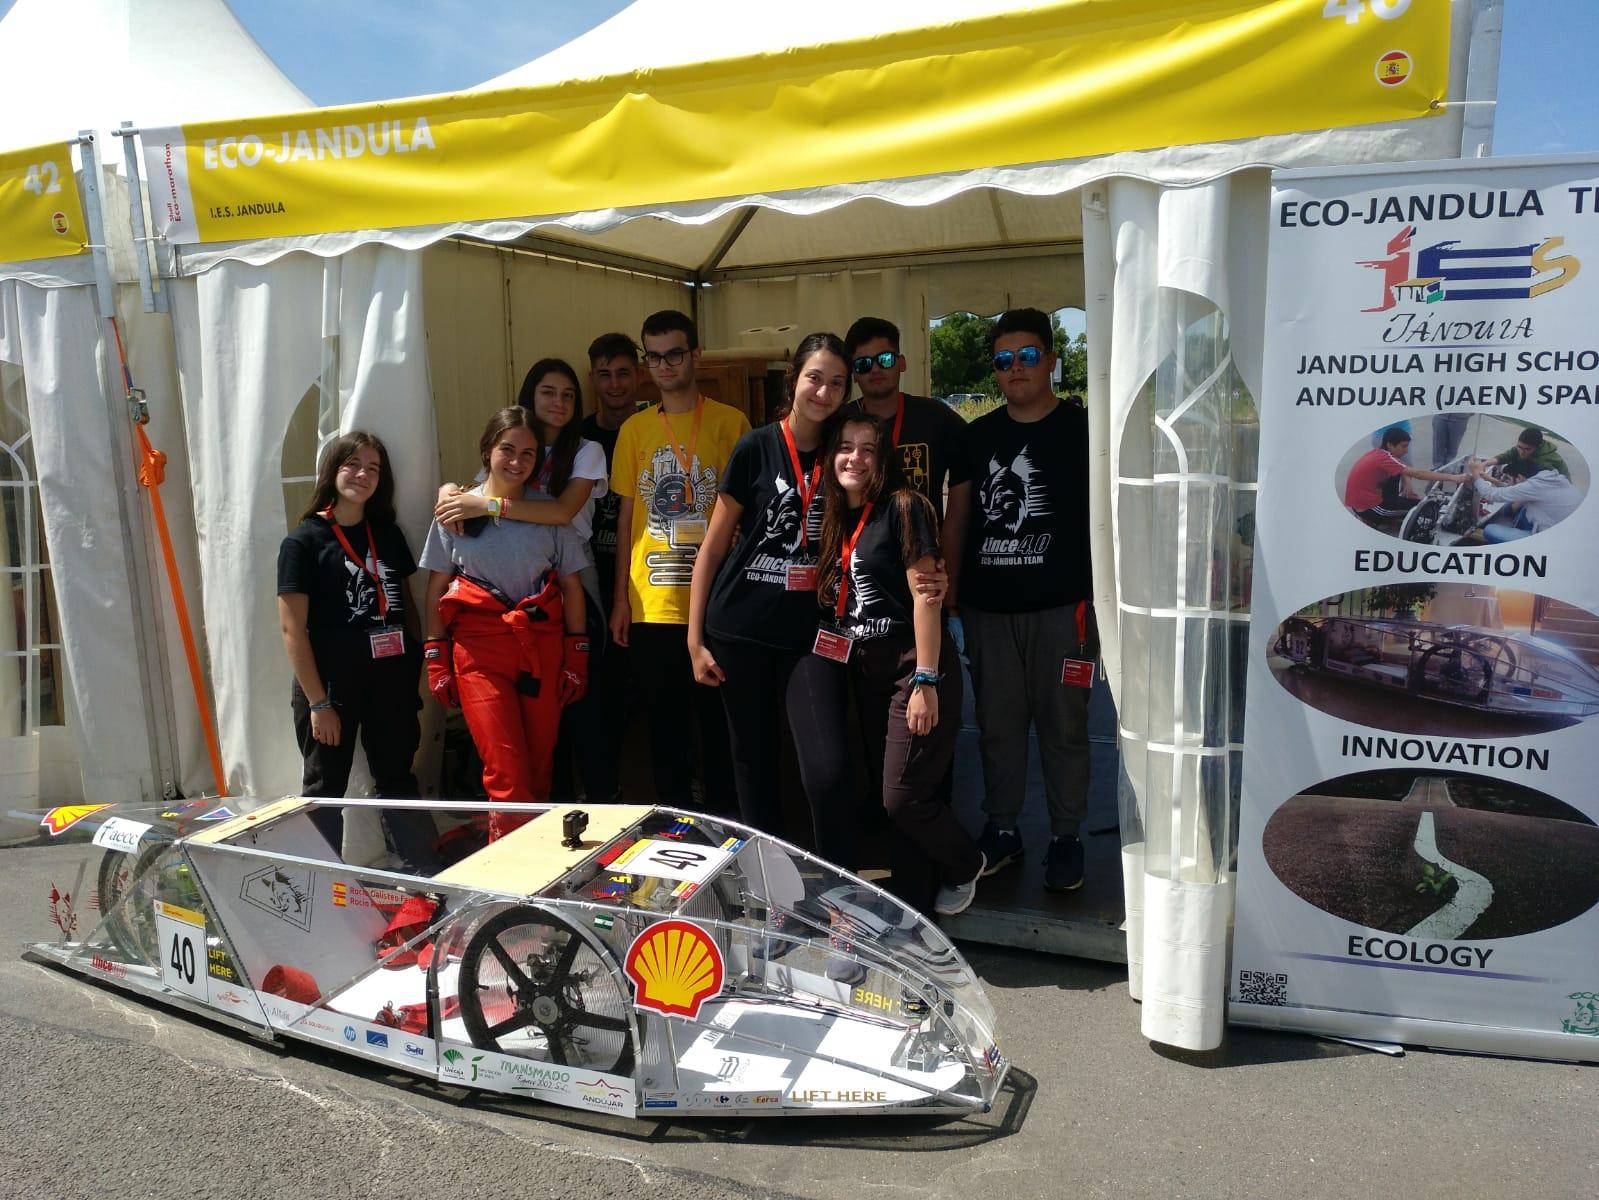 El vehículo Lince 4.0 vuelve a maravillar en la Shell Eco Marathon